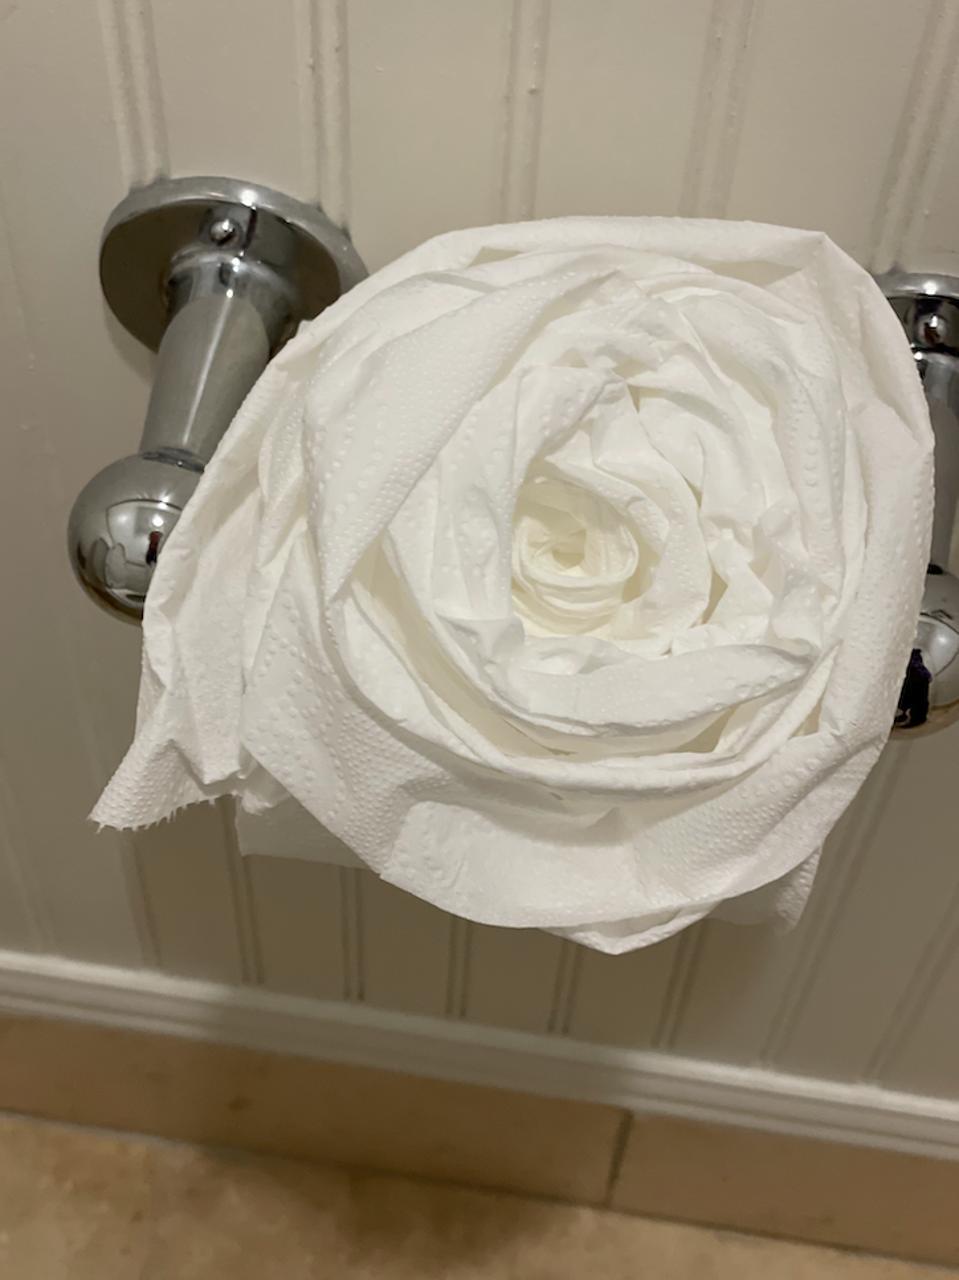 Papier toilette sculpté dans une rose blanche